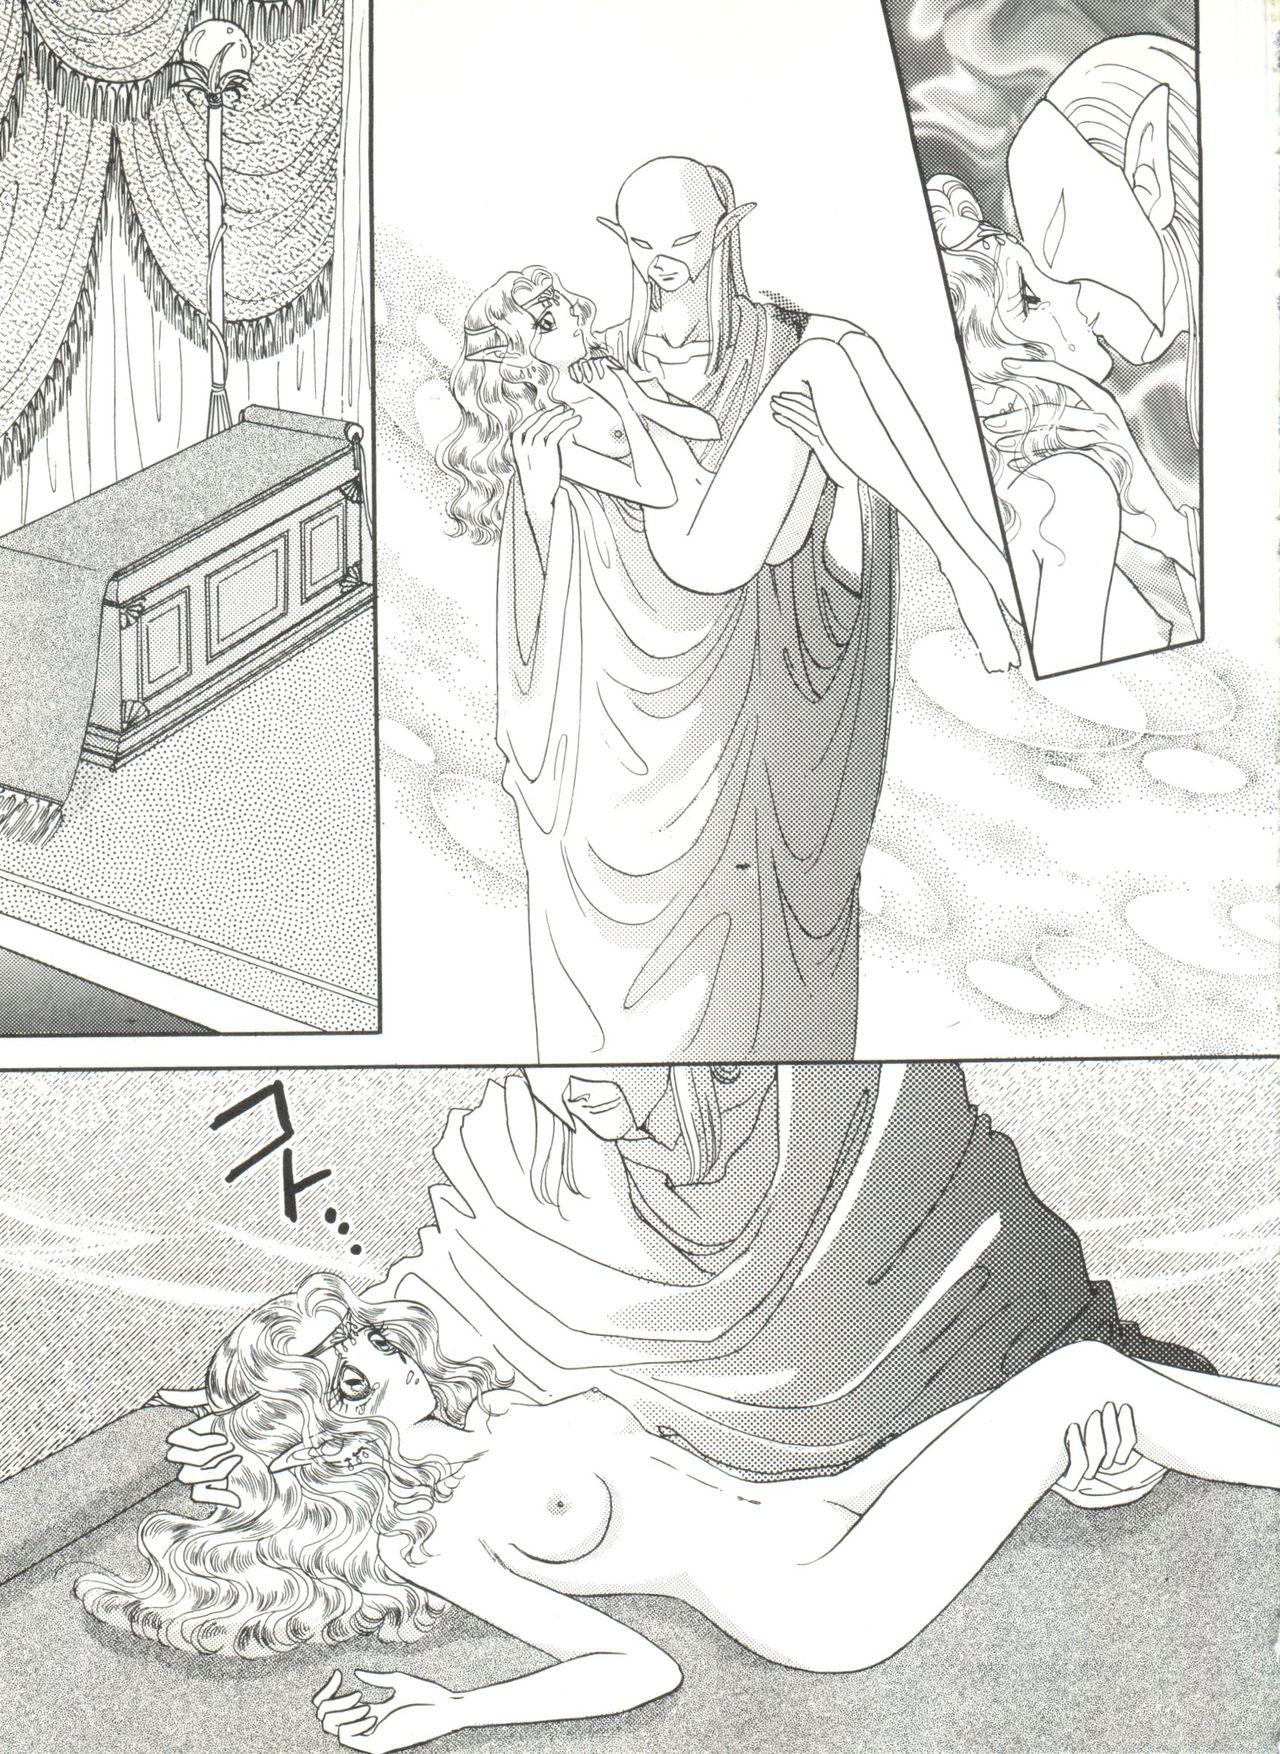 Bishoujo Doujinshi Anthology 6 112